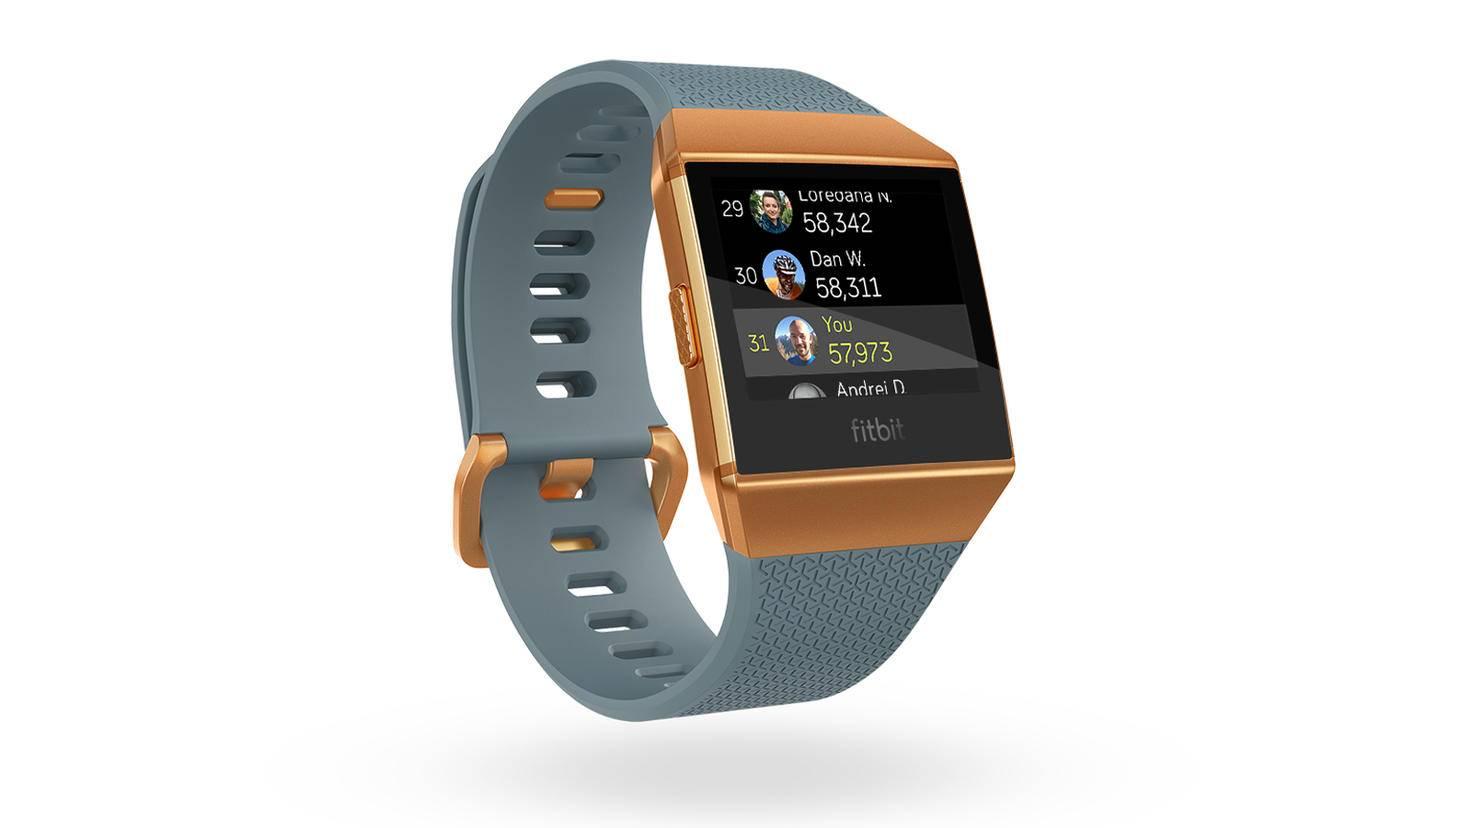 Fitbit-Apps-Leaderboard-Fitbit